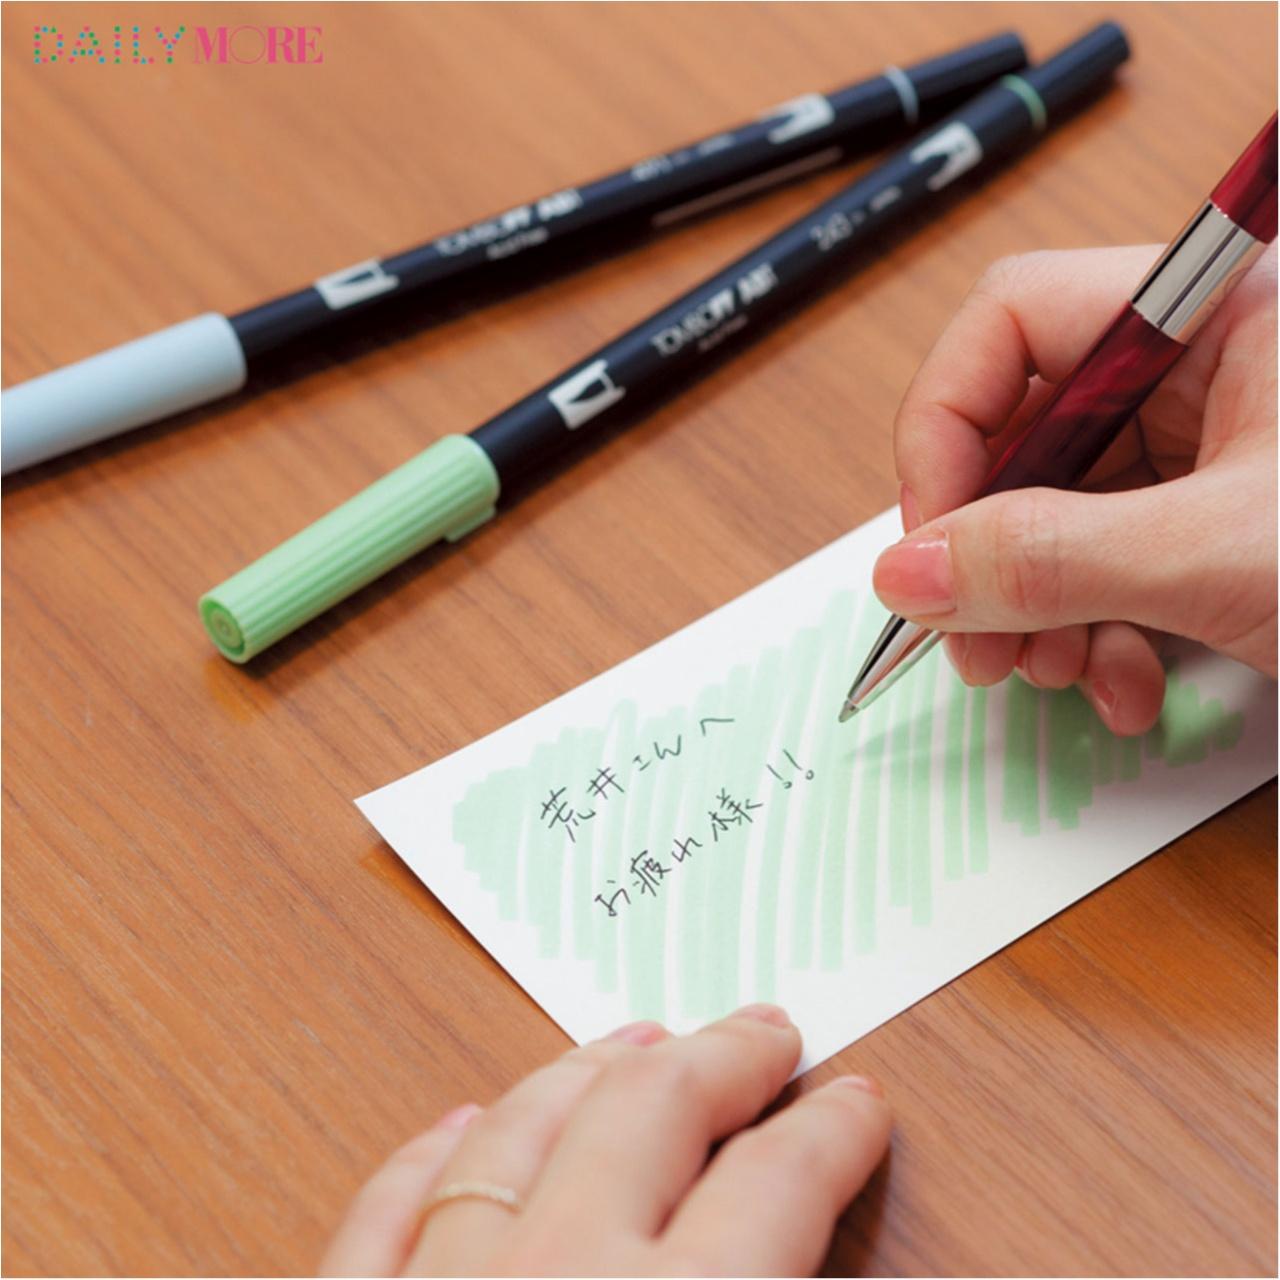 文具ソムリエール・菅 未里さんが教える! ほめられ「こてがみ」の極意♡_4